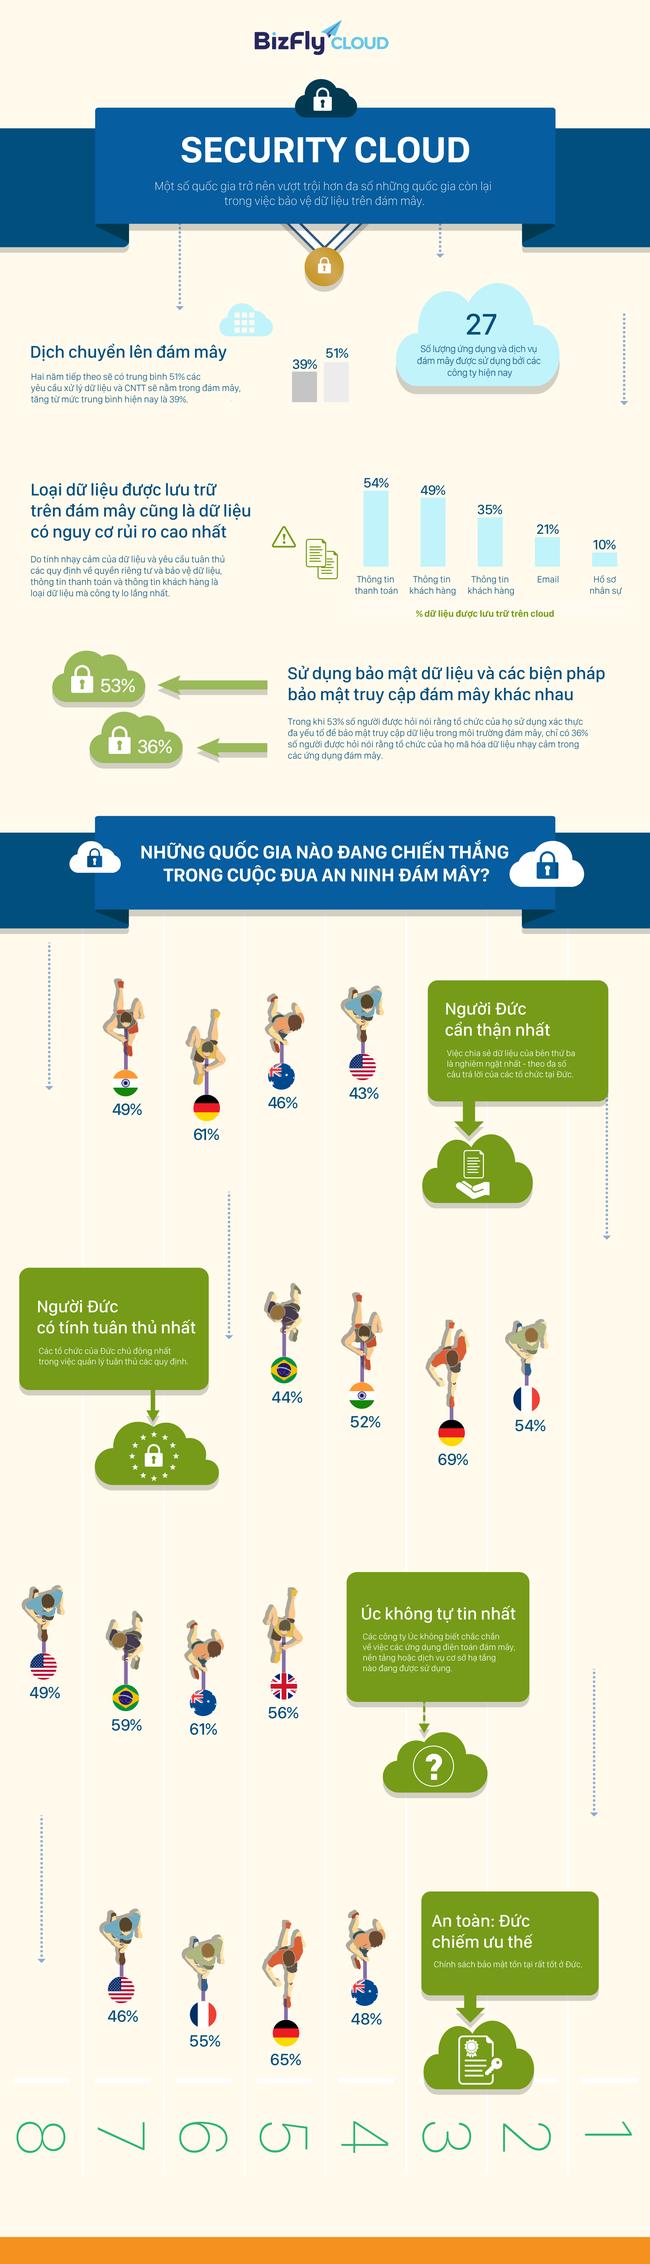 [Infographic] Bảo mật dữ liệu đám mây 2018 - Ảnh 1.